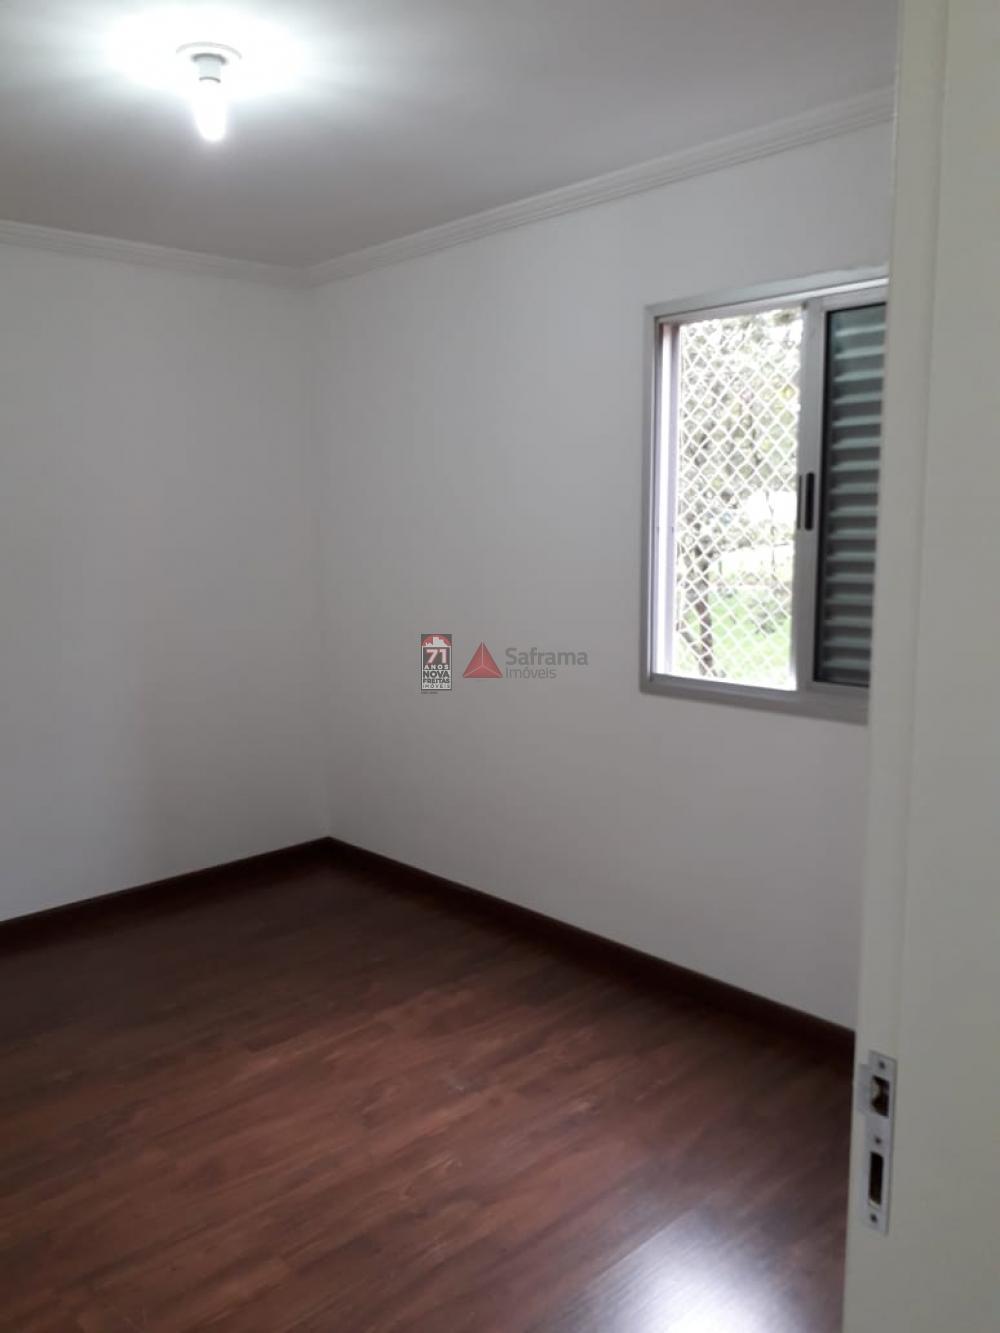 Comprar Apartamento / Padrão em São José dos Campos apenas R$ 330.000,00 - Foto 11